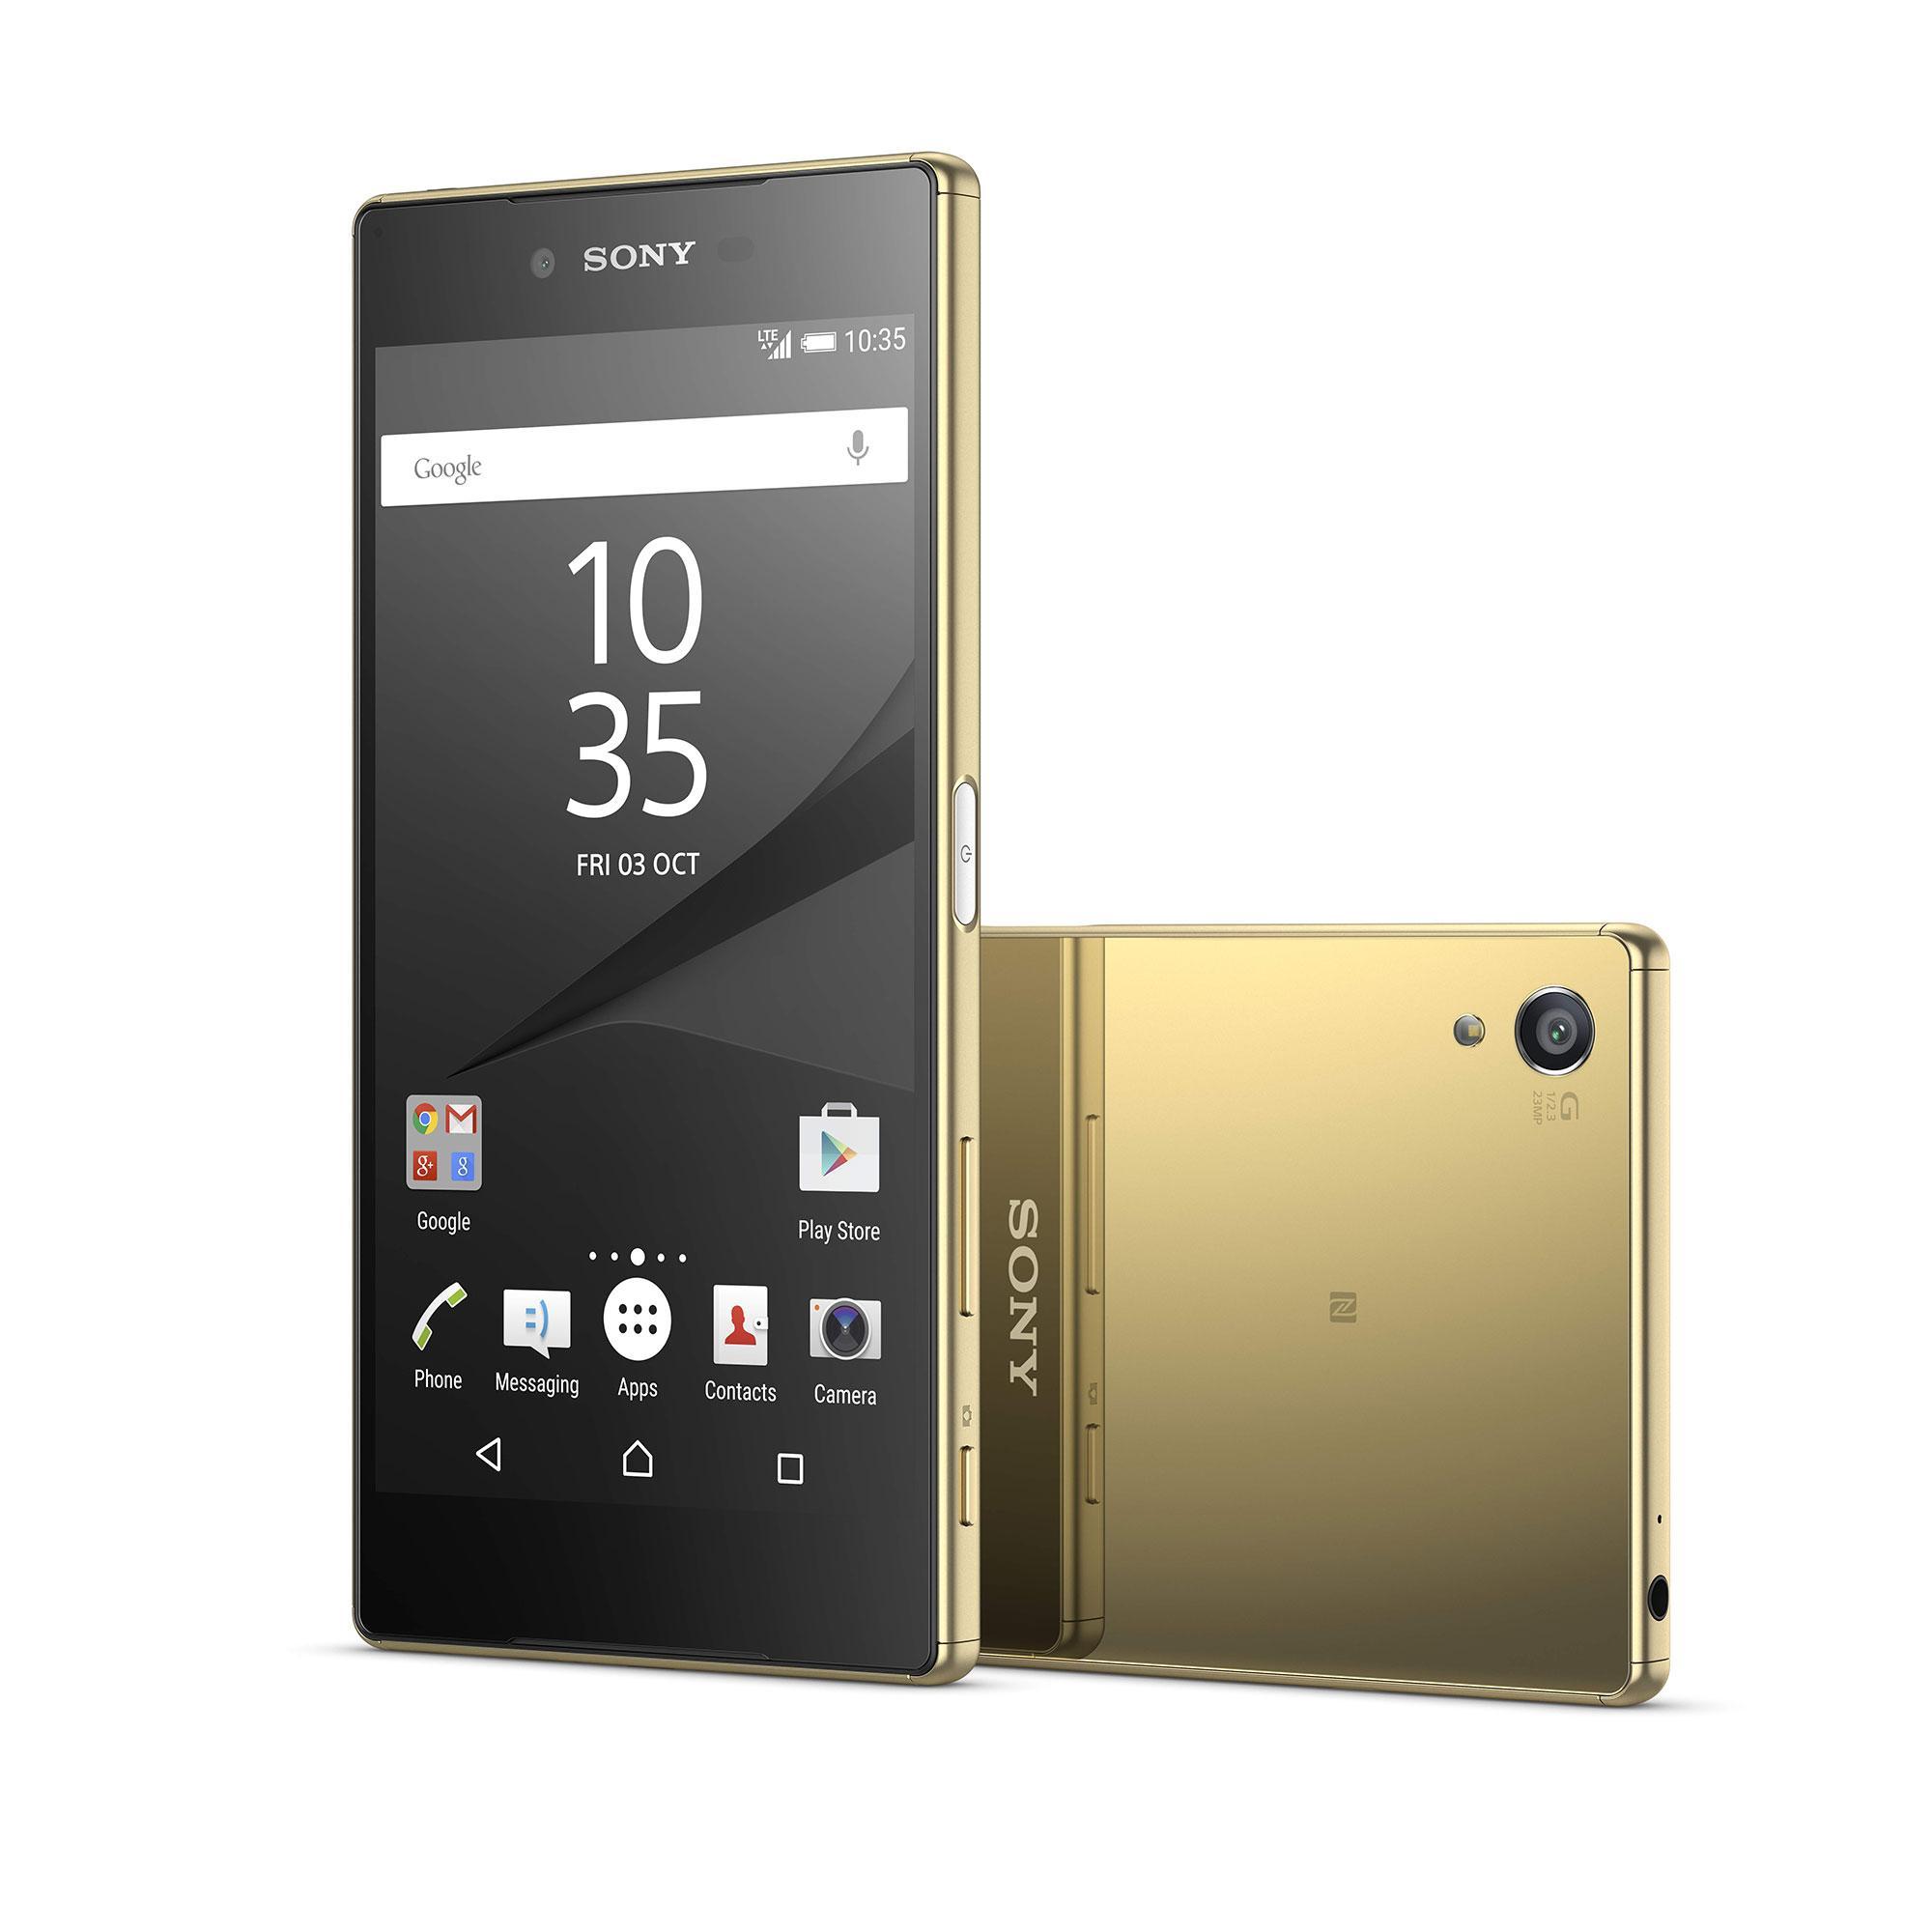 Sony Xperia Z5 Premium en color oro